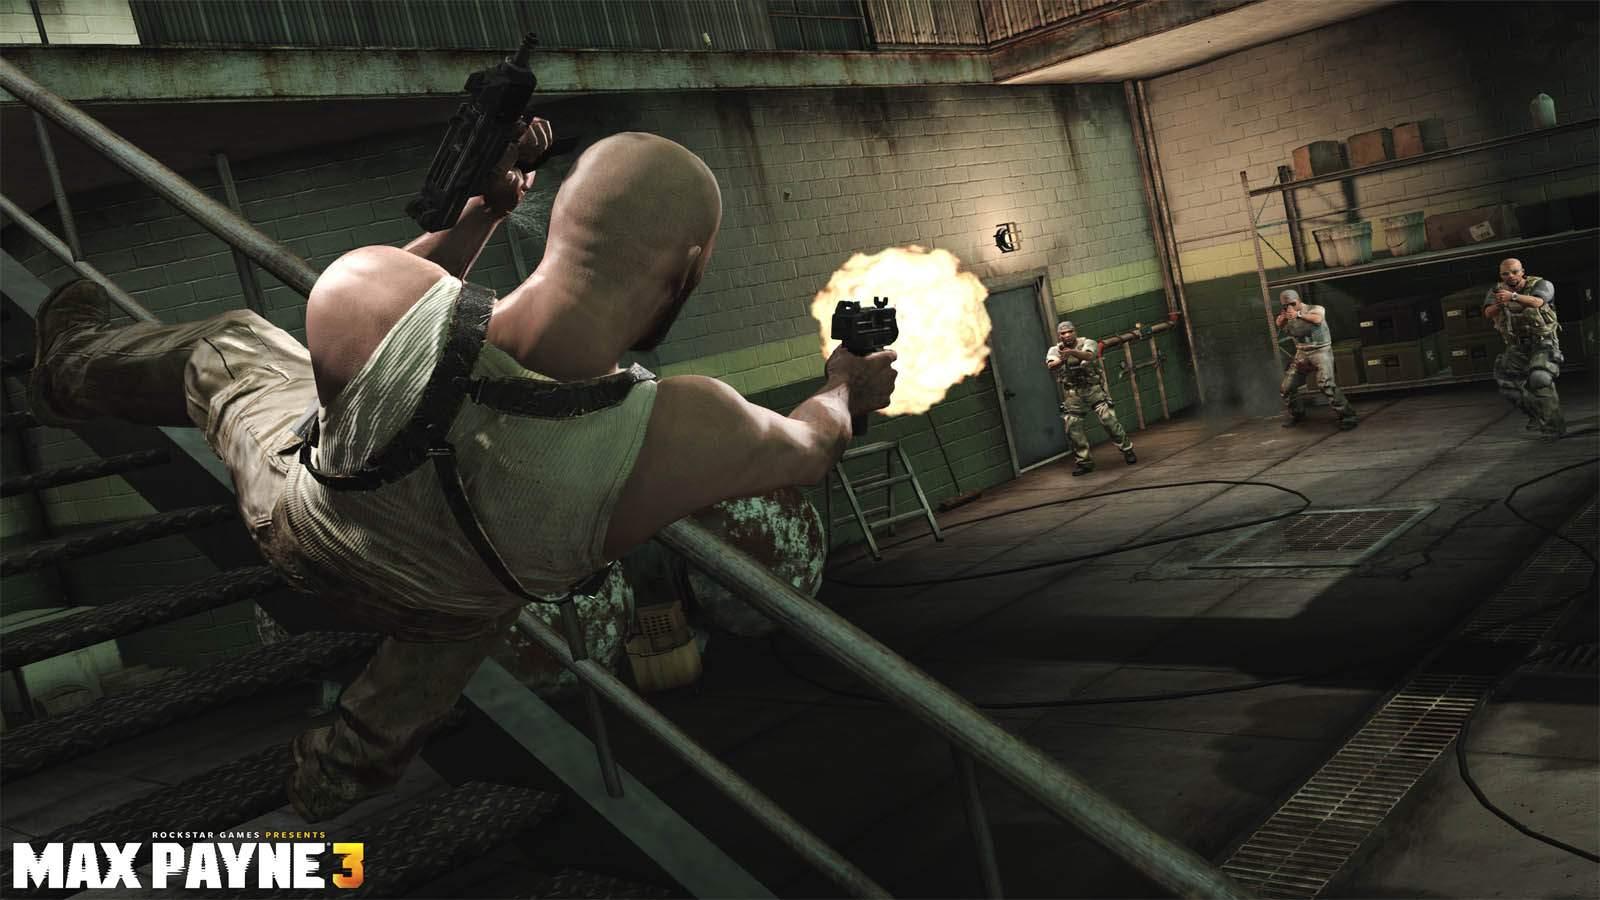 تحميل لعبة Max Payne 3 مضغوطة برابط واحد مباشر + تورنت كاملة مجانا